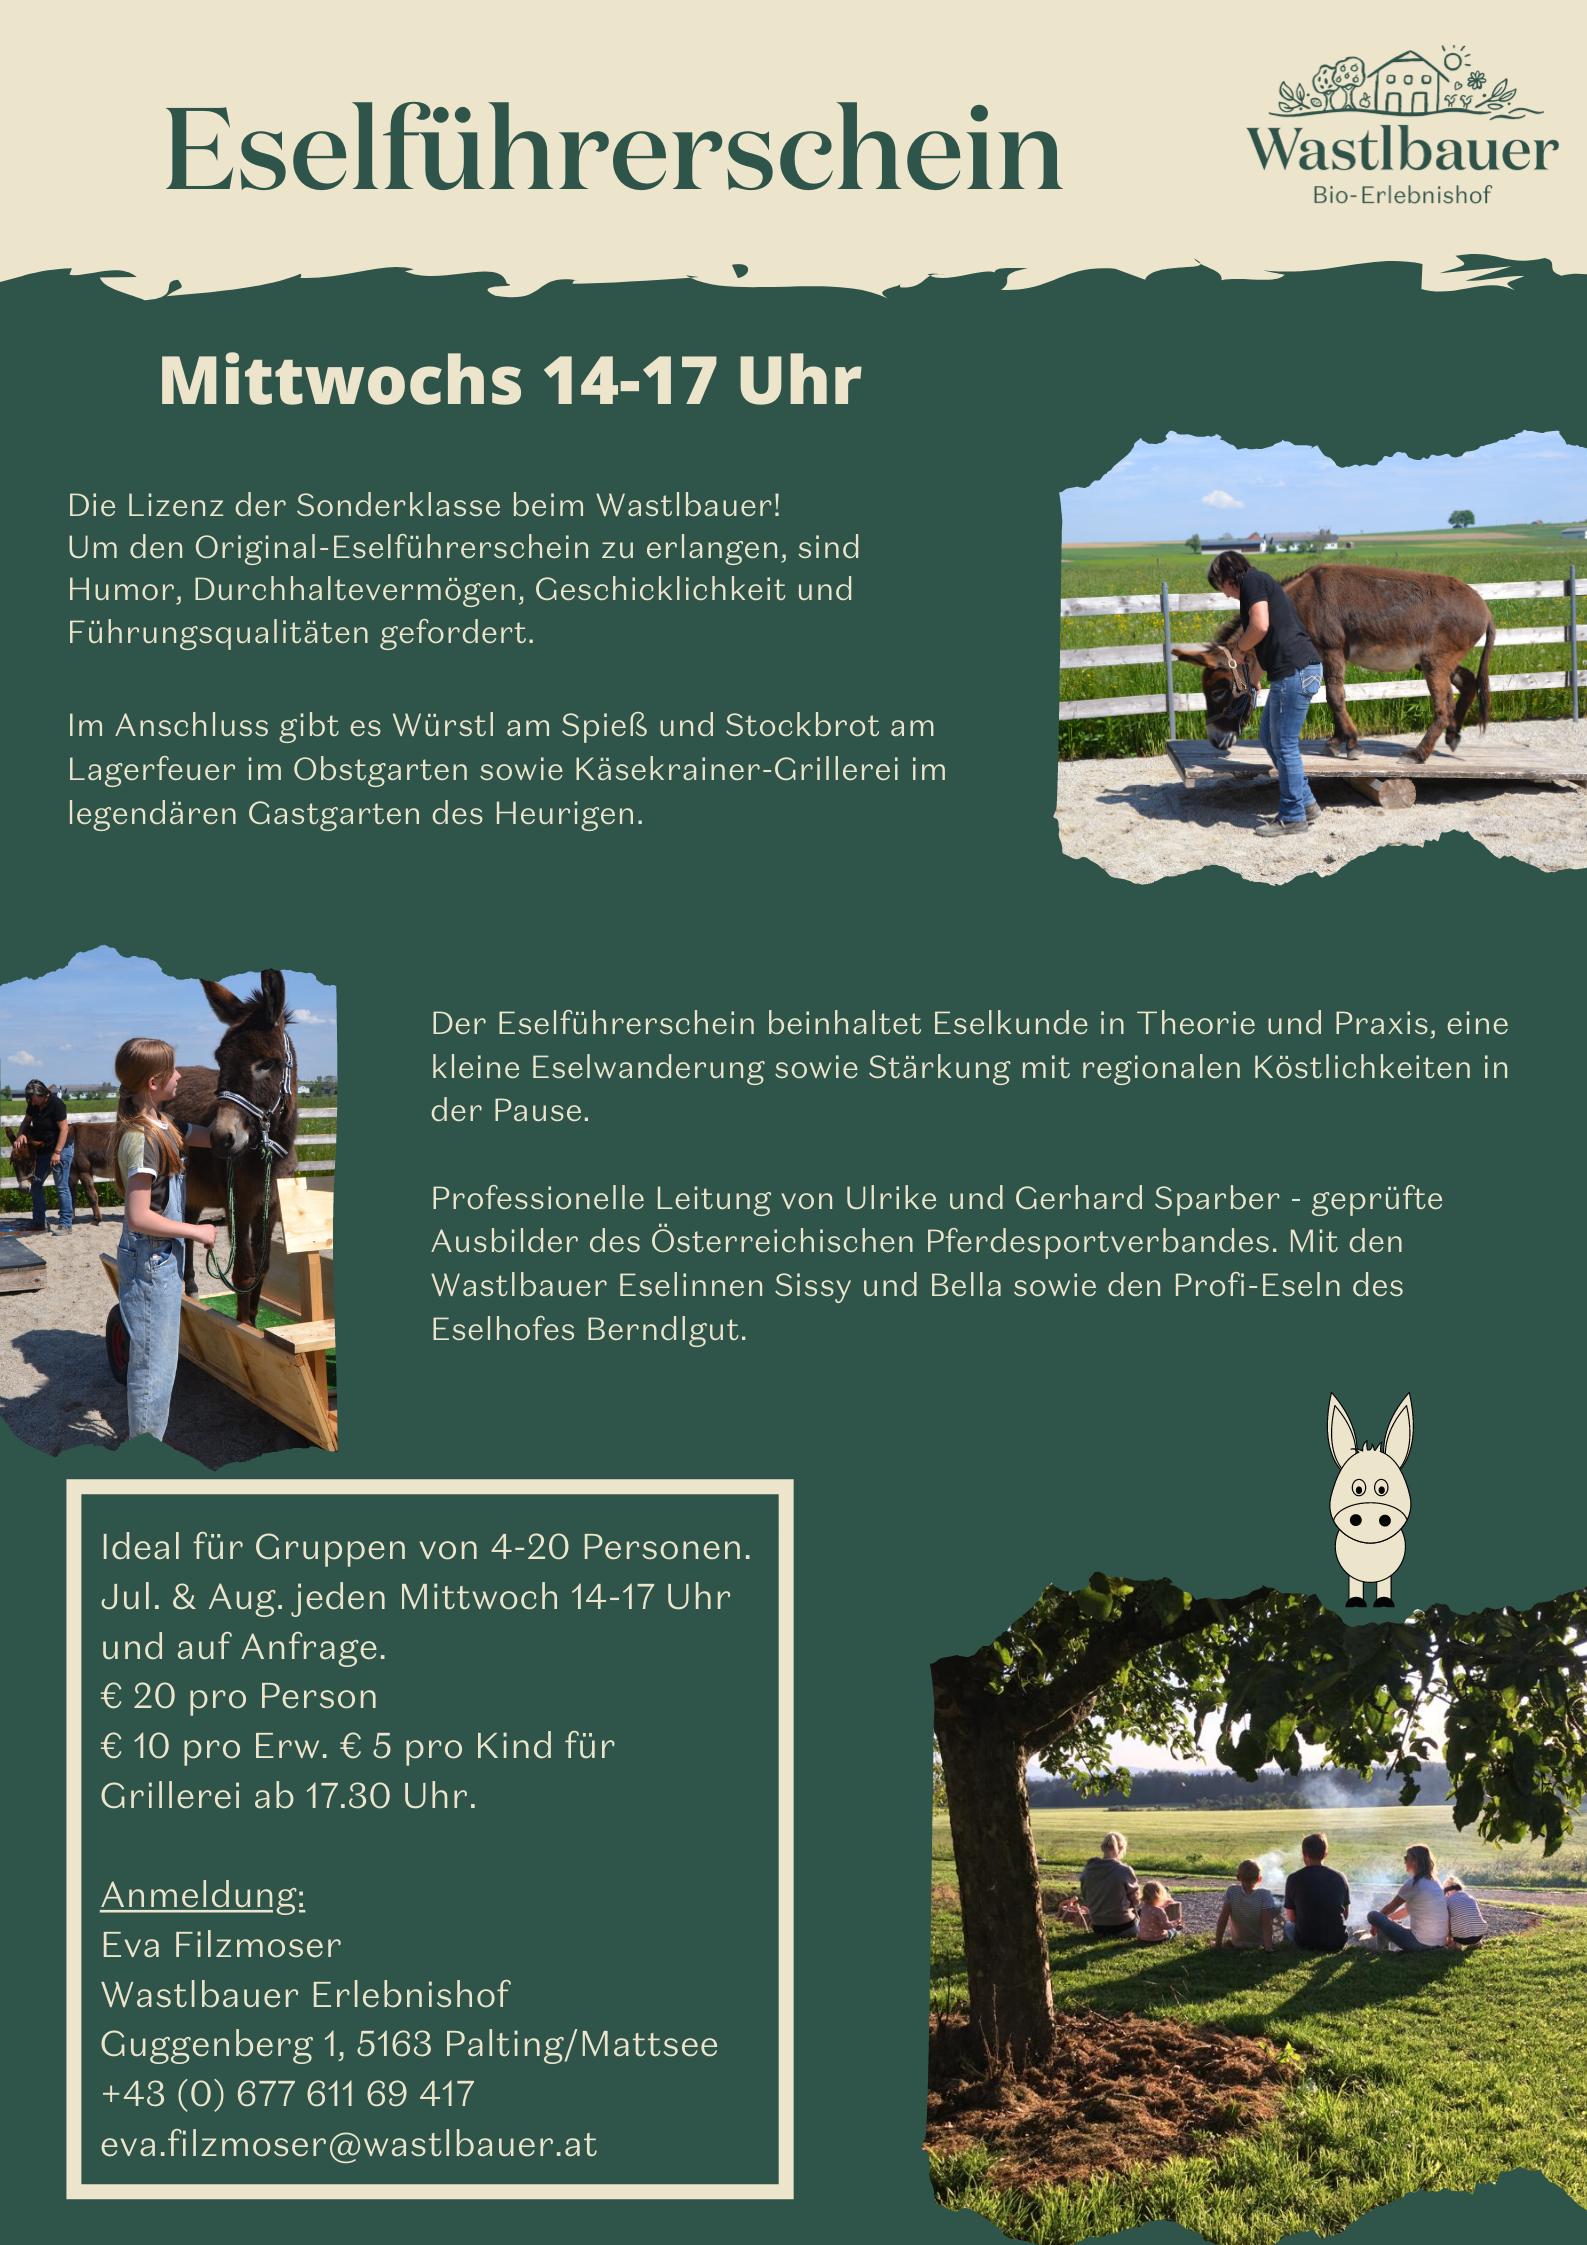 Eselführerschein-poster_pic